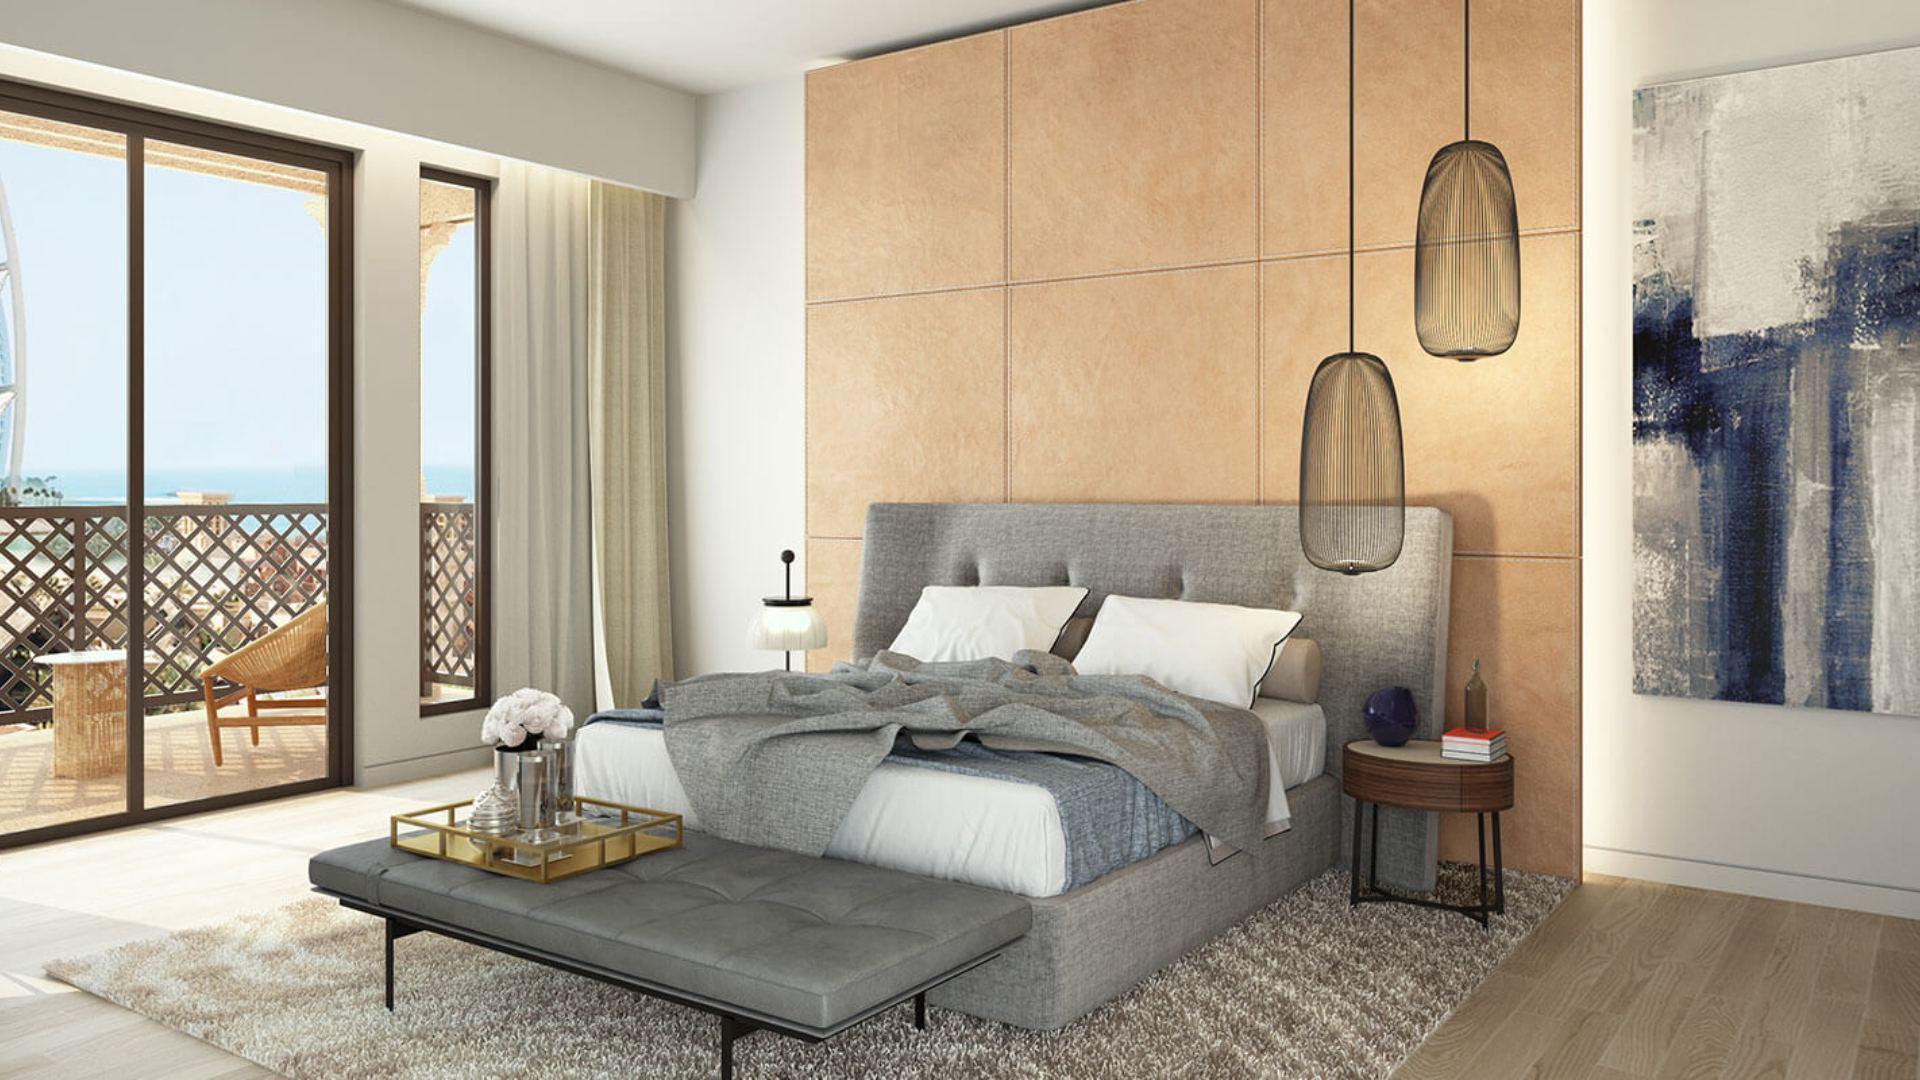 Apartment for sale in Dubai, UAE, 1 bedroom, 73 m2, No. 24292 – photo 1